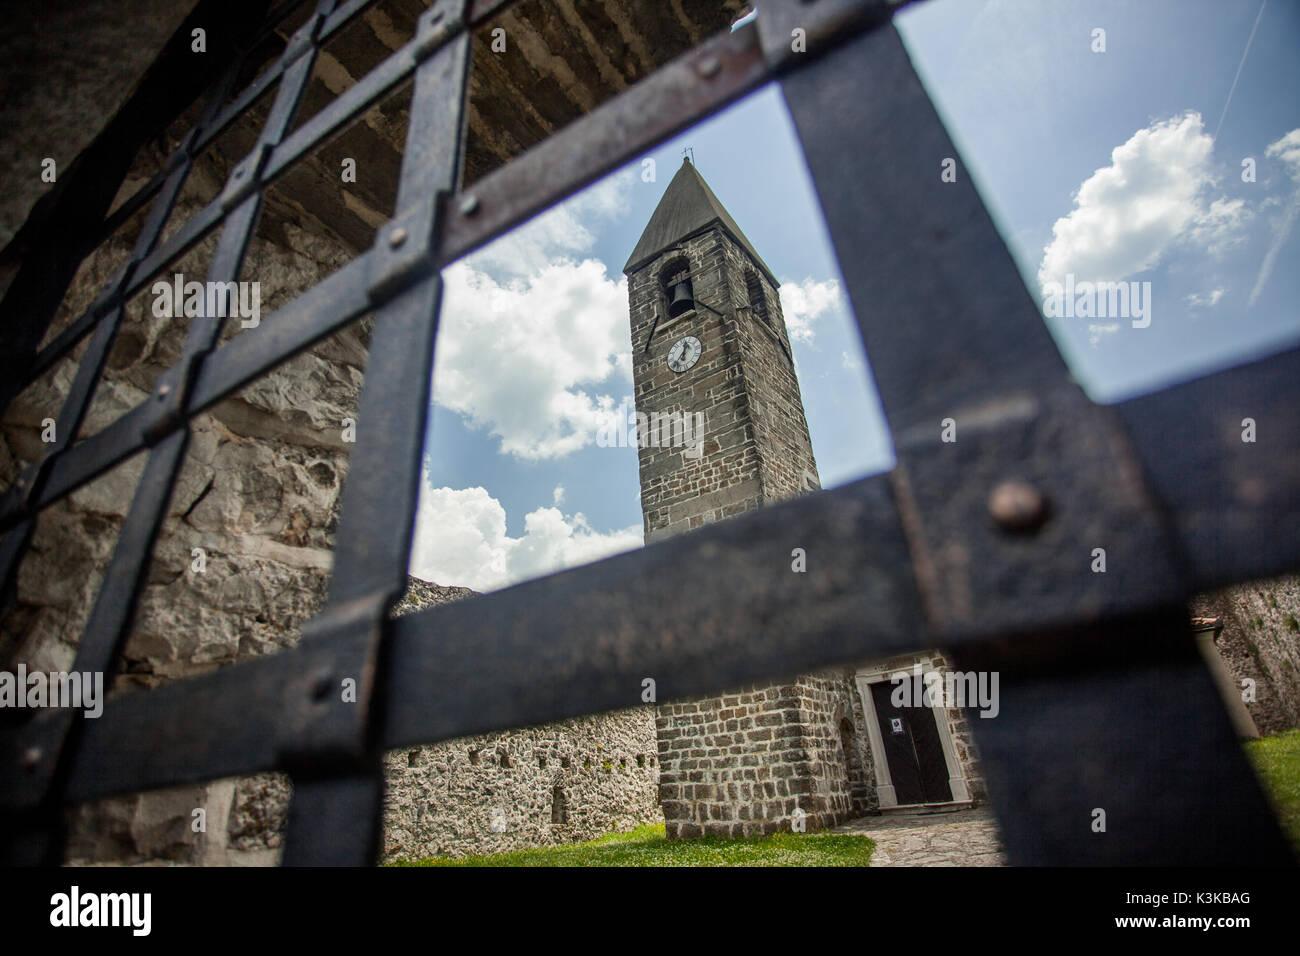 Hrastovlje church of St. Trinity, Slovenia. - Stock Image